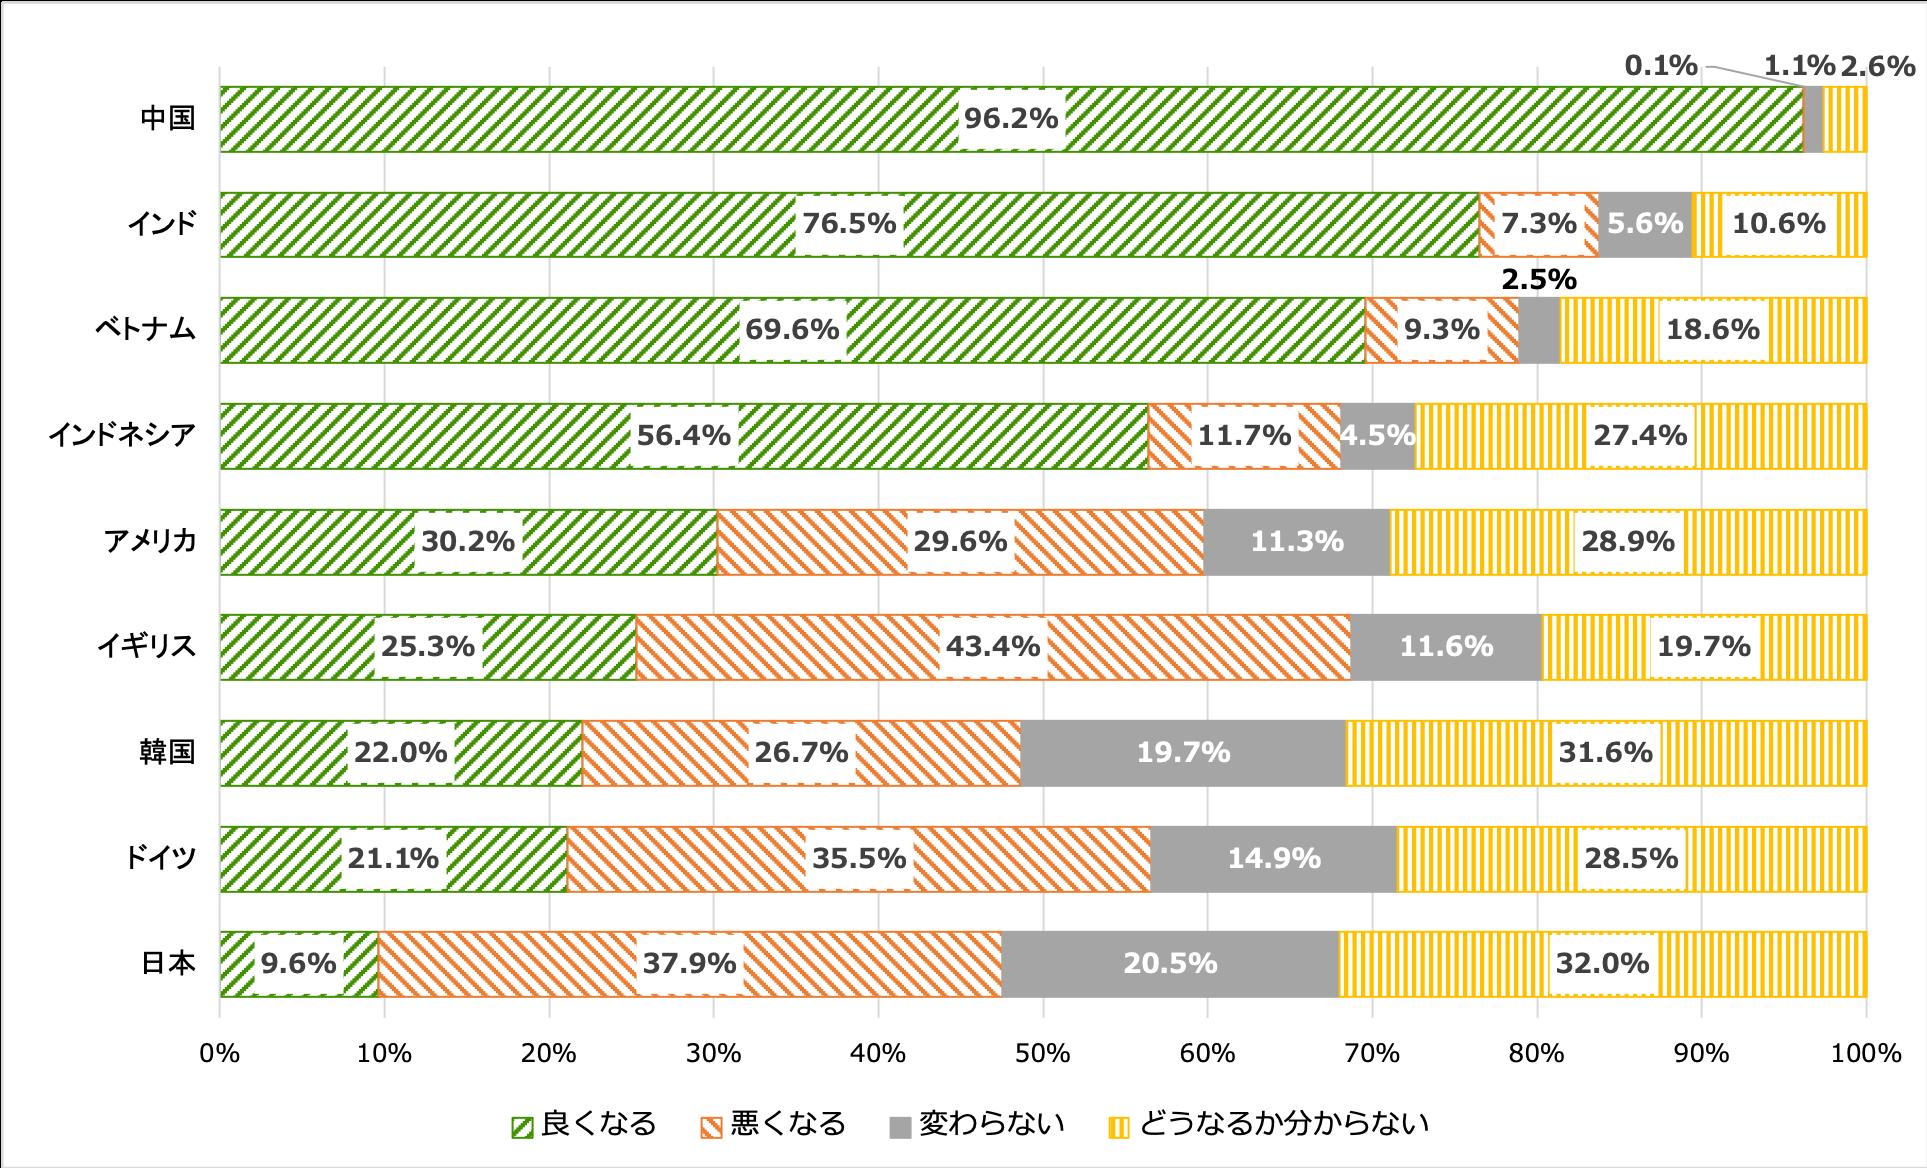 自分の国の将来についてどう思うかを示す横棒グラフ。中国は良くなる96.2%、悪くなる0.1%、変わらない1.1%、どうなるか分からない2.6%。インドは良くなる76.5%、悪くなる7.3%、変わらない5.6%、どうなるか分からない10.6%。ベトナムは良くなる69.6%、悪くなる9.3%、変わらない2.5%、どうなるか分からない18.6%。インドネシアは良くなる56.4%、悪くなる11.7%、変わらない4.5%、どうなるか分からない27.4%。アメリカは良くなる30.2%、悪くなる29.6%、変わらない11.3%、どうなるか分からない28.9%。イギリスは良くなる25.3%、悪くなる43.4%、変わらない11.6%、どうなるか分からない19.7%。韓国は良くなる22%、悪くなる26.7%、変わらない19.7%、どうなるか分からない31.6%。ドイツは良くなる21.1%、悪くなる35.5%、変わらない14.9%、どうなるか分からない28.5%。日本は良くなる9.6%、悪くなる37.9%、変わらない20.5%、どうなるか分からない32%。